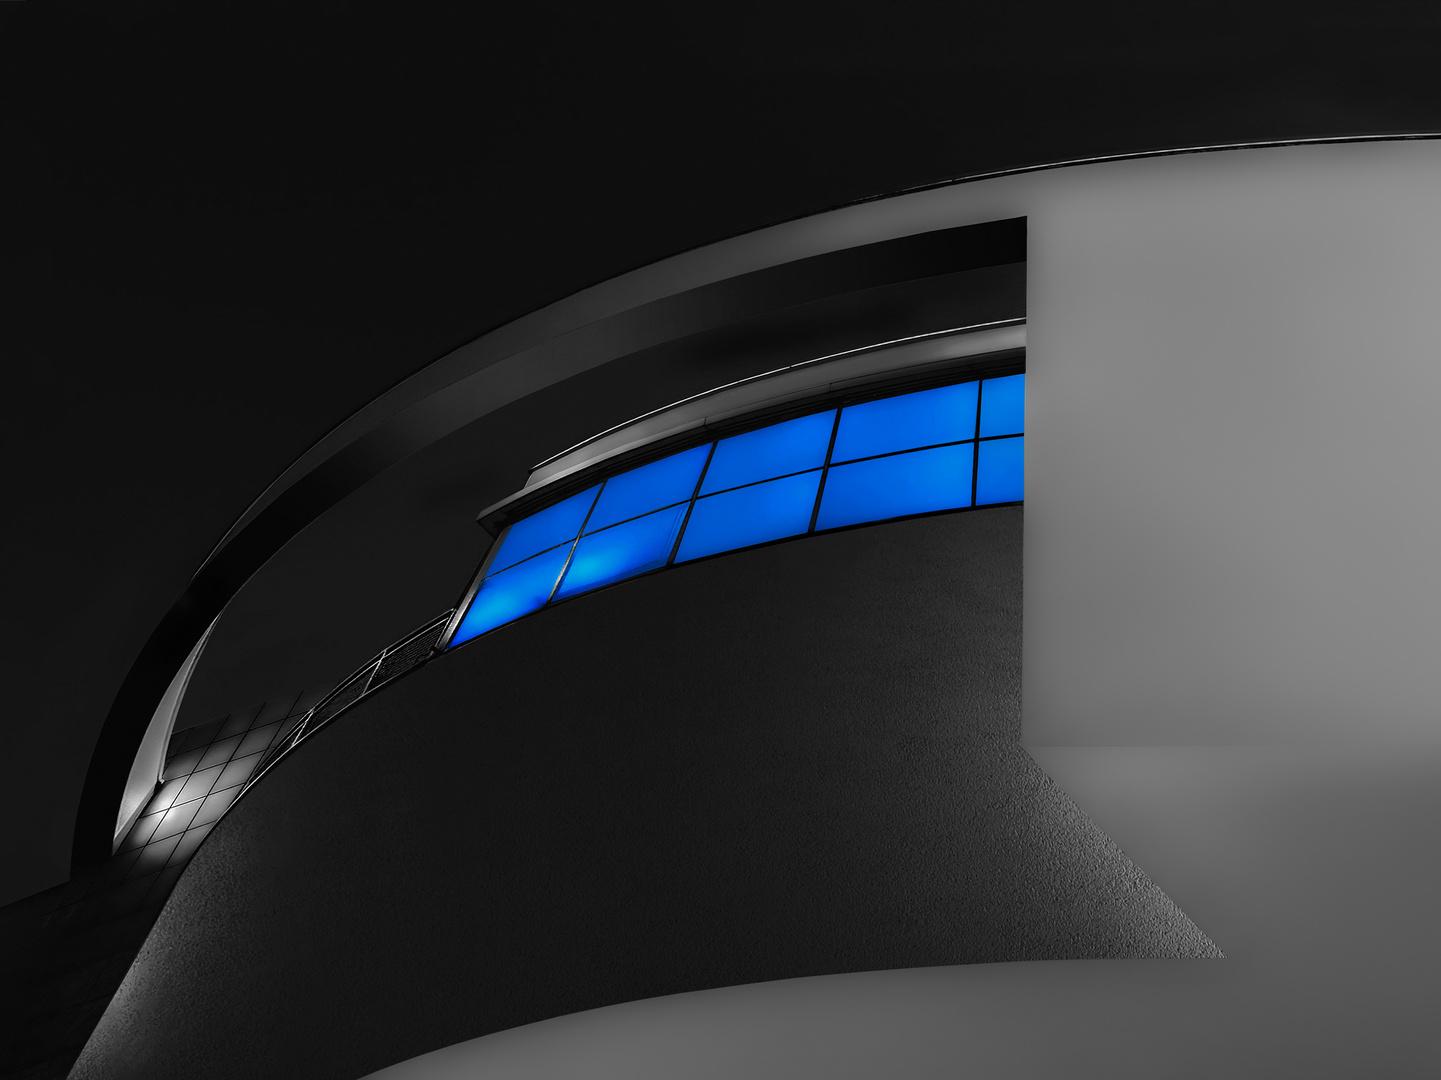 Das Fenster - Detailaufnahme